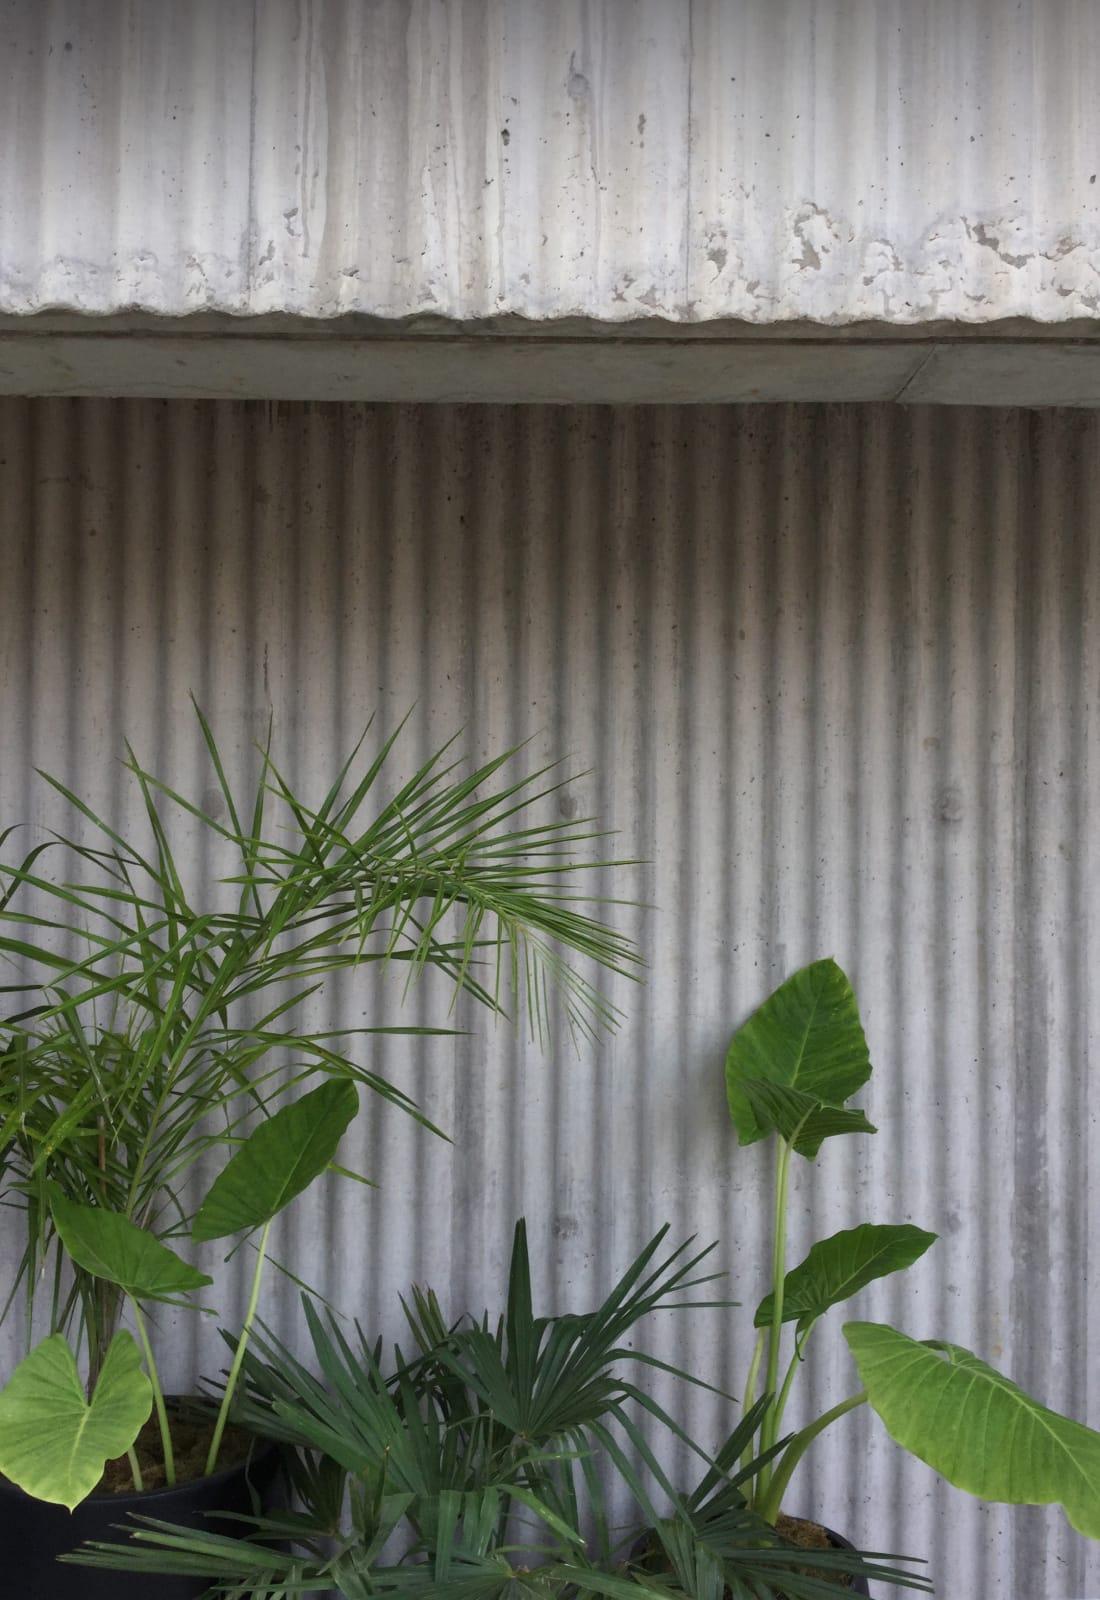 La propuesta paisajística superpone texturas y tonalidades de verde a las paredes del edificio.